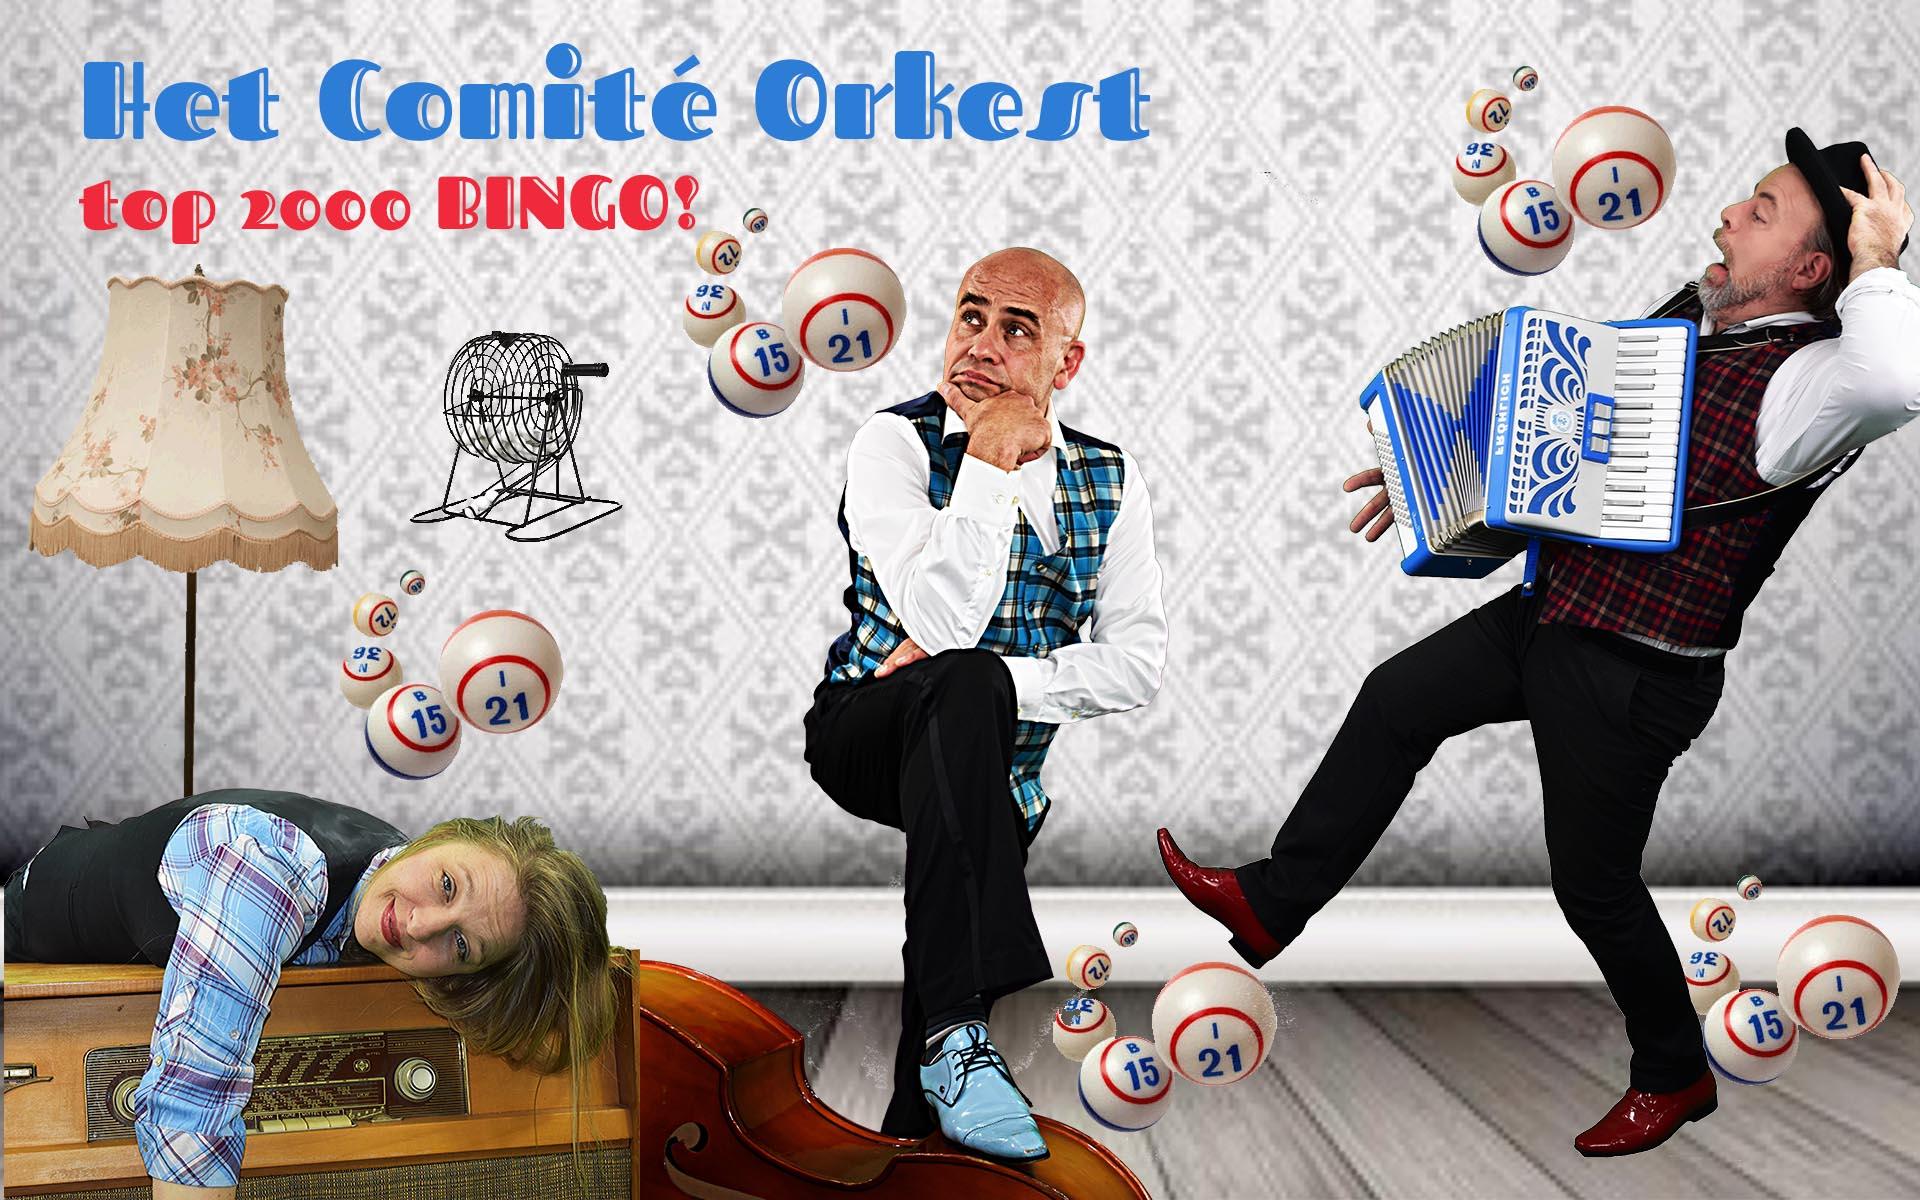 het comite orkest leuke persfoto muzikaal trio